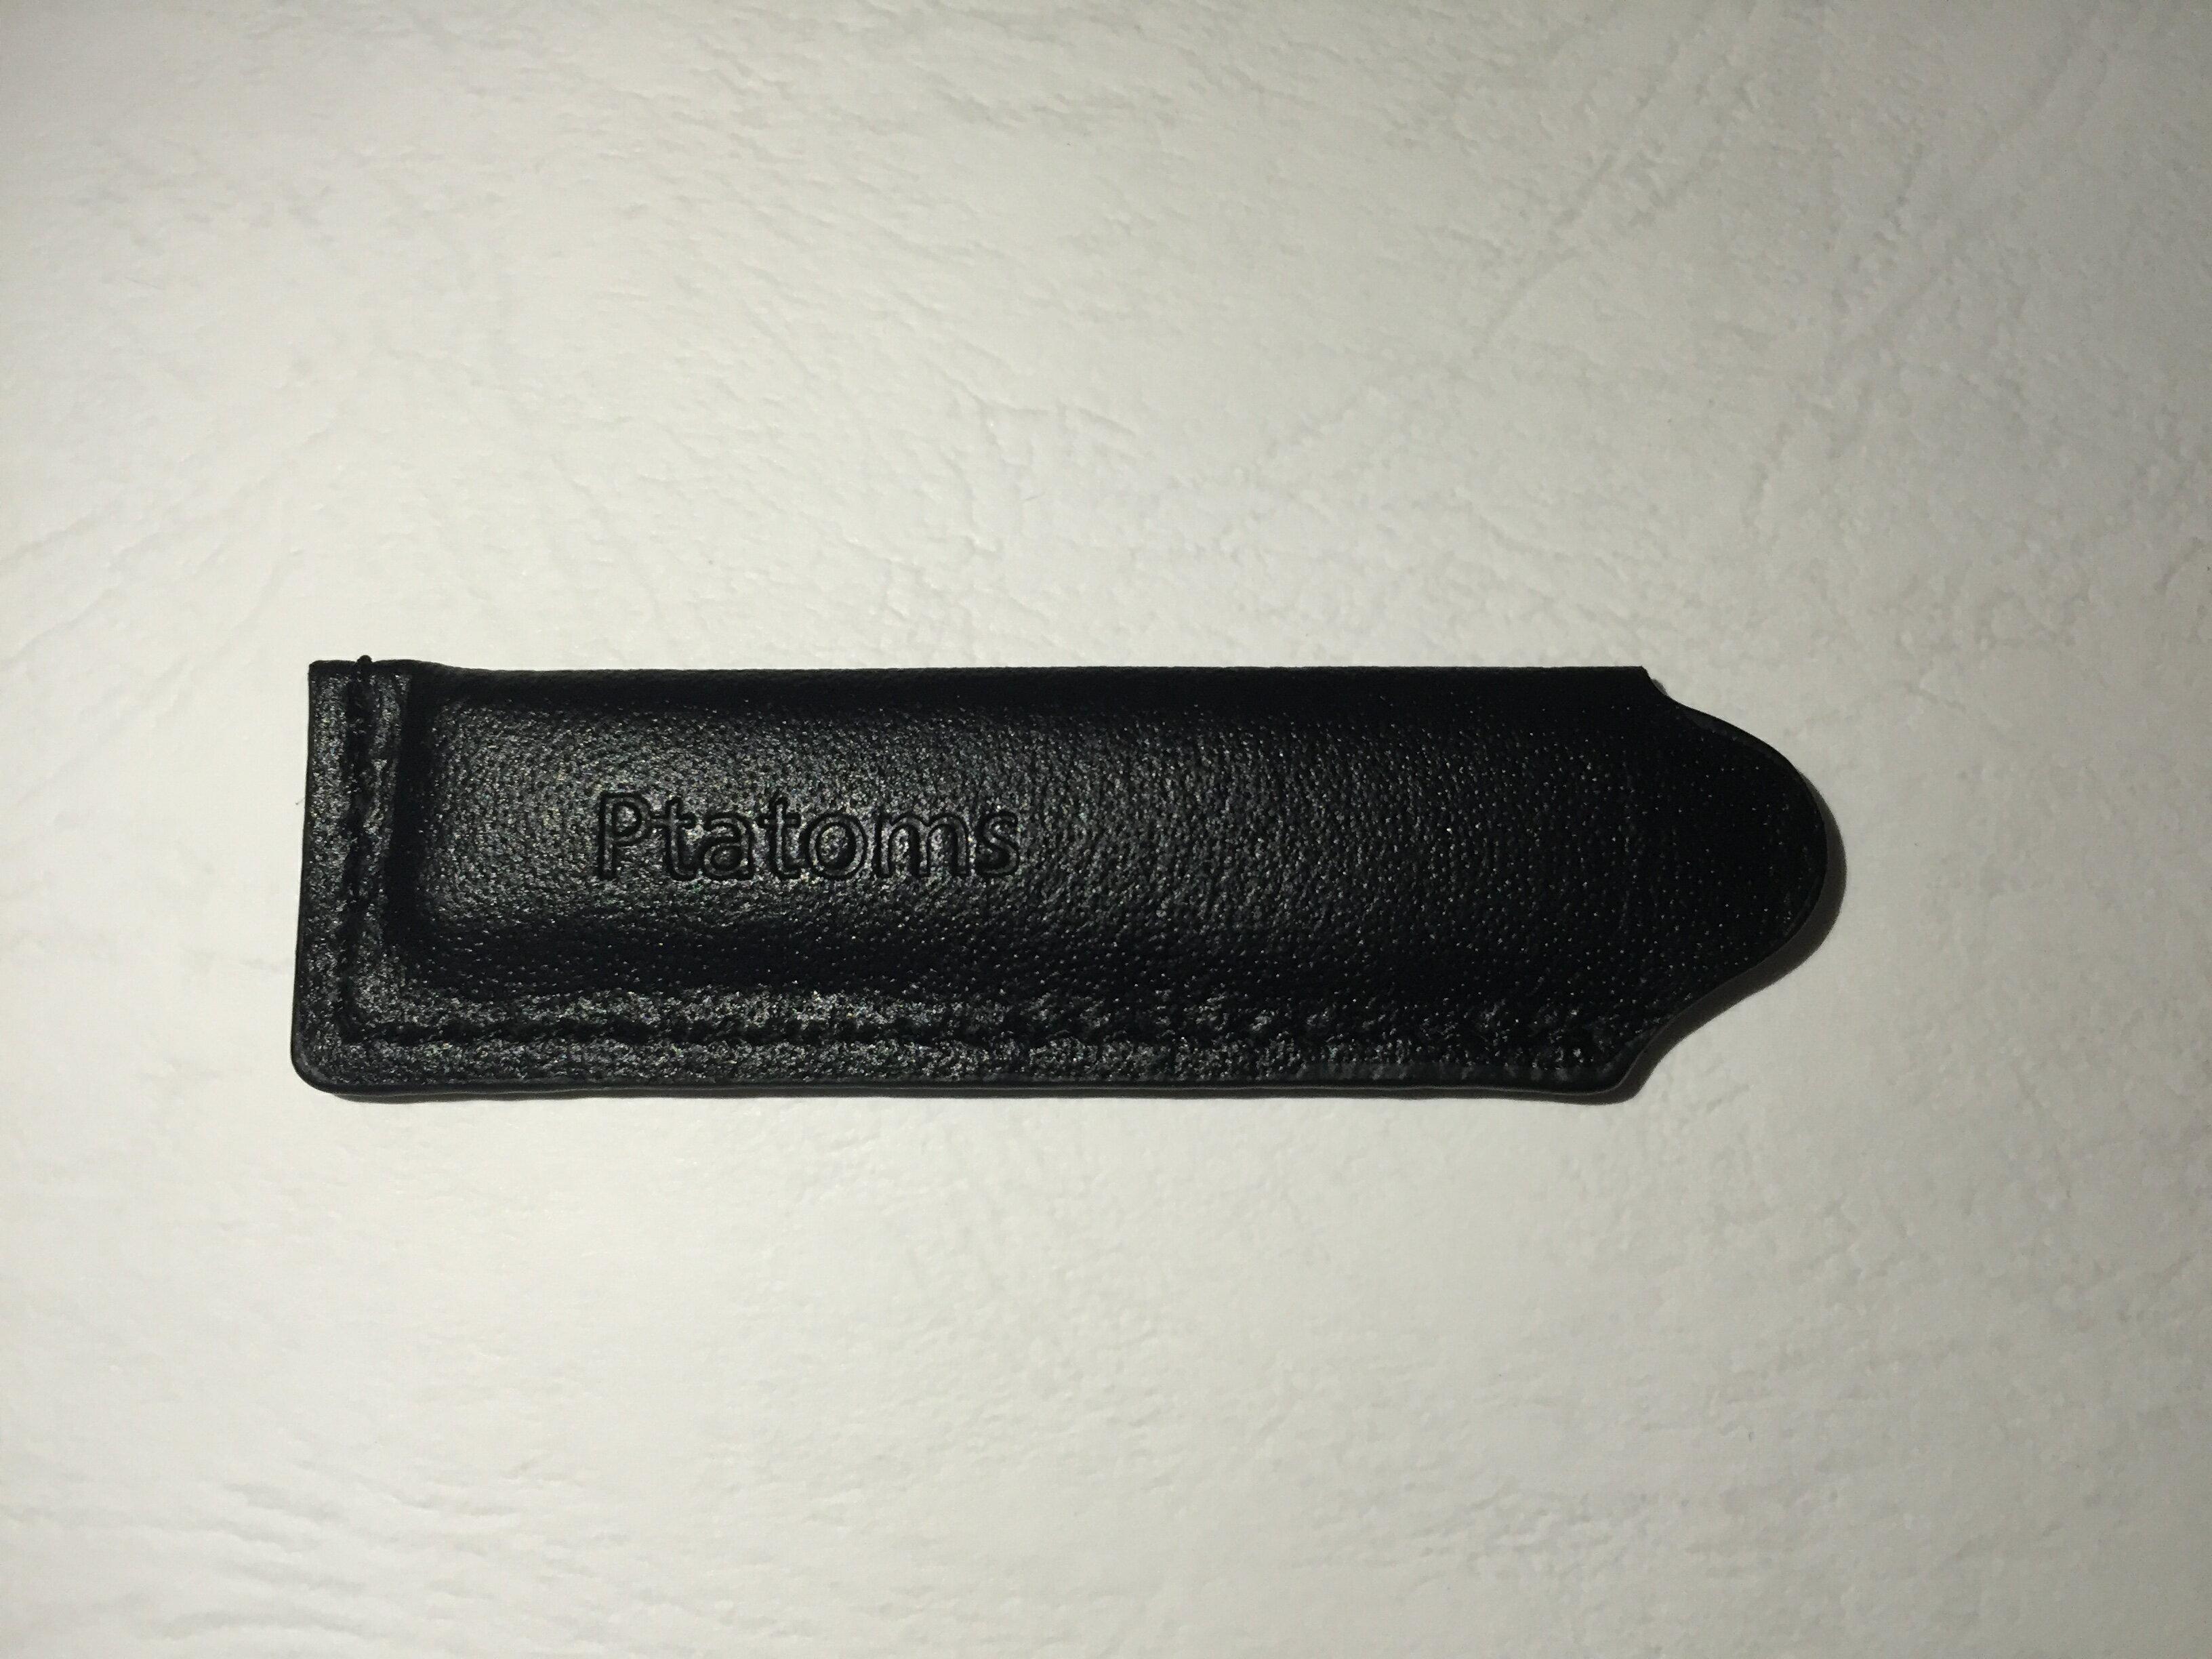 ELK-PTATOMS高品質金色USB隨身碟精美禮盒組16G(付黑色質感皮套) 4